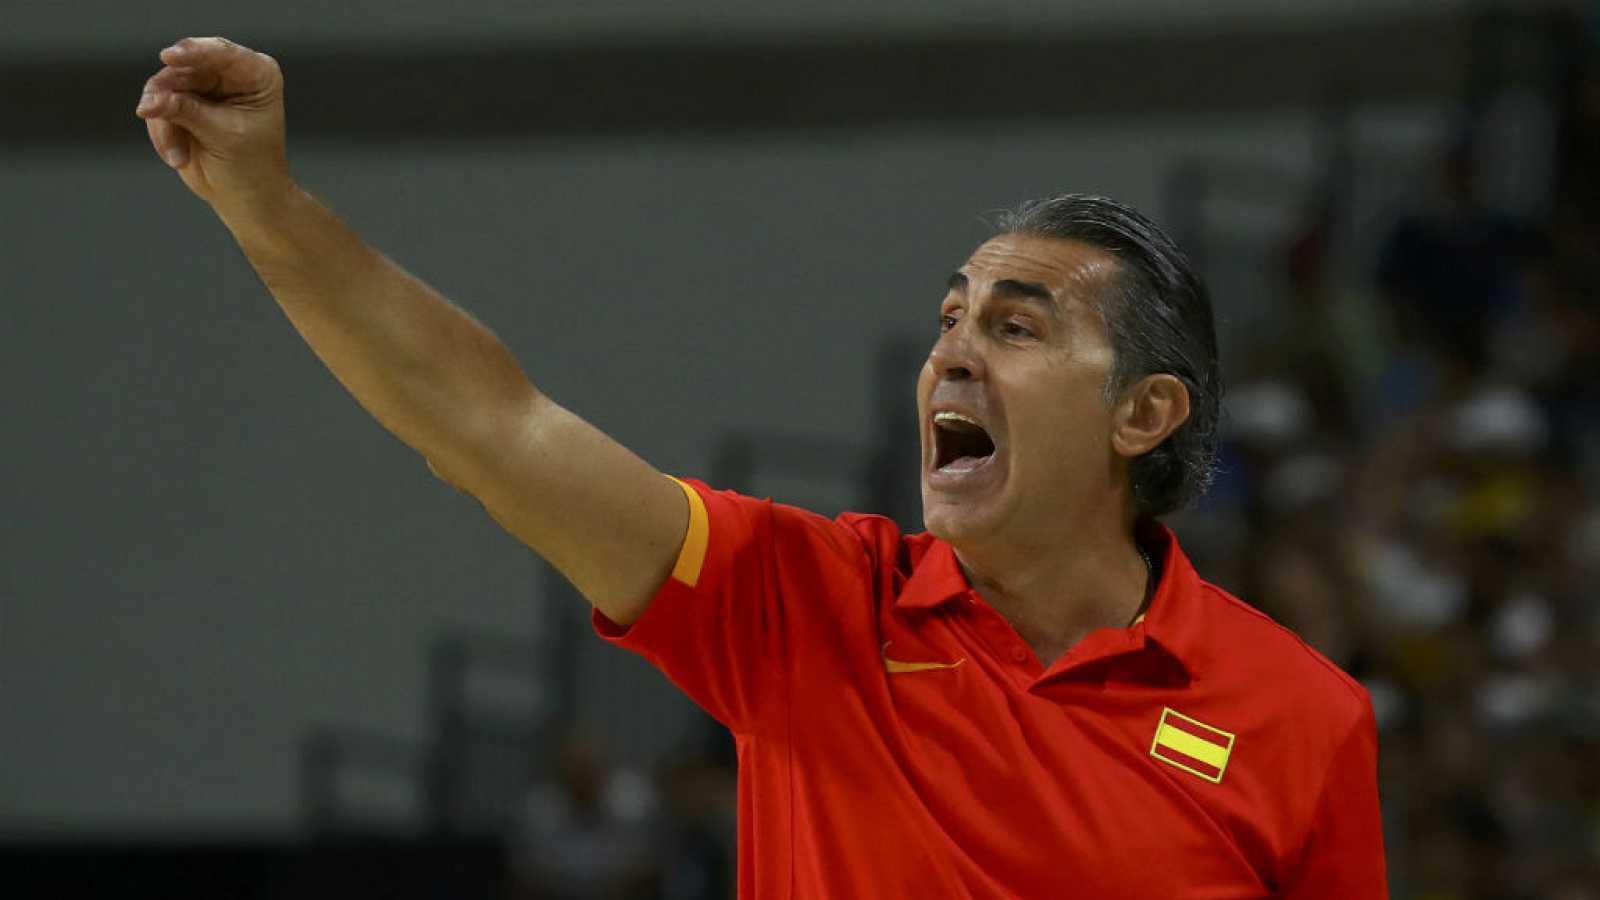 Boletines RNE - Río 2016 - Scariolo, el entrenador de nuestra selección con un gran palmarés - 18/08/16 - Escuchar ahora